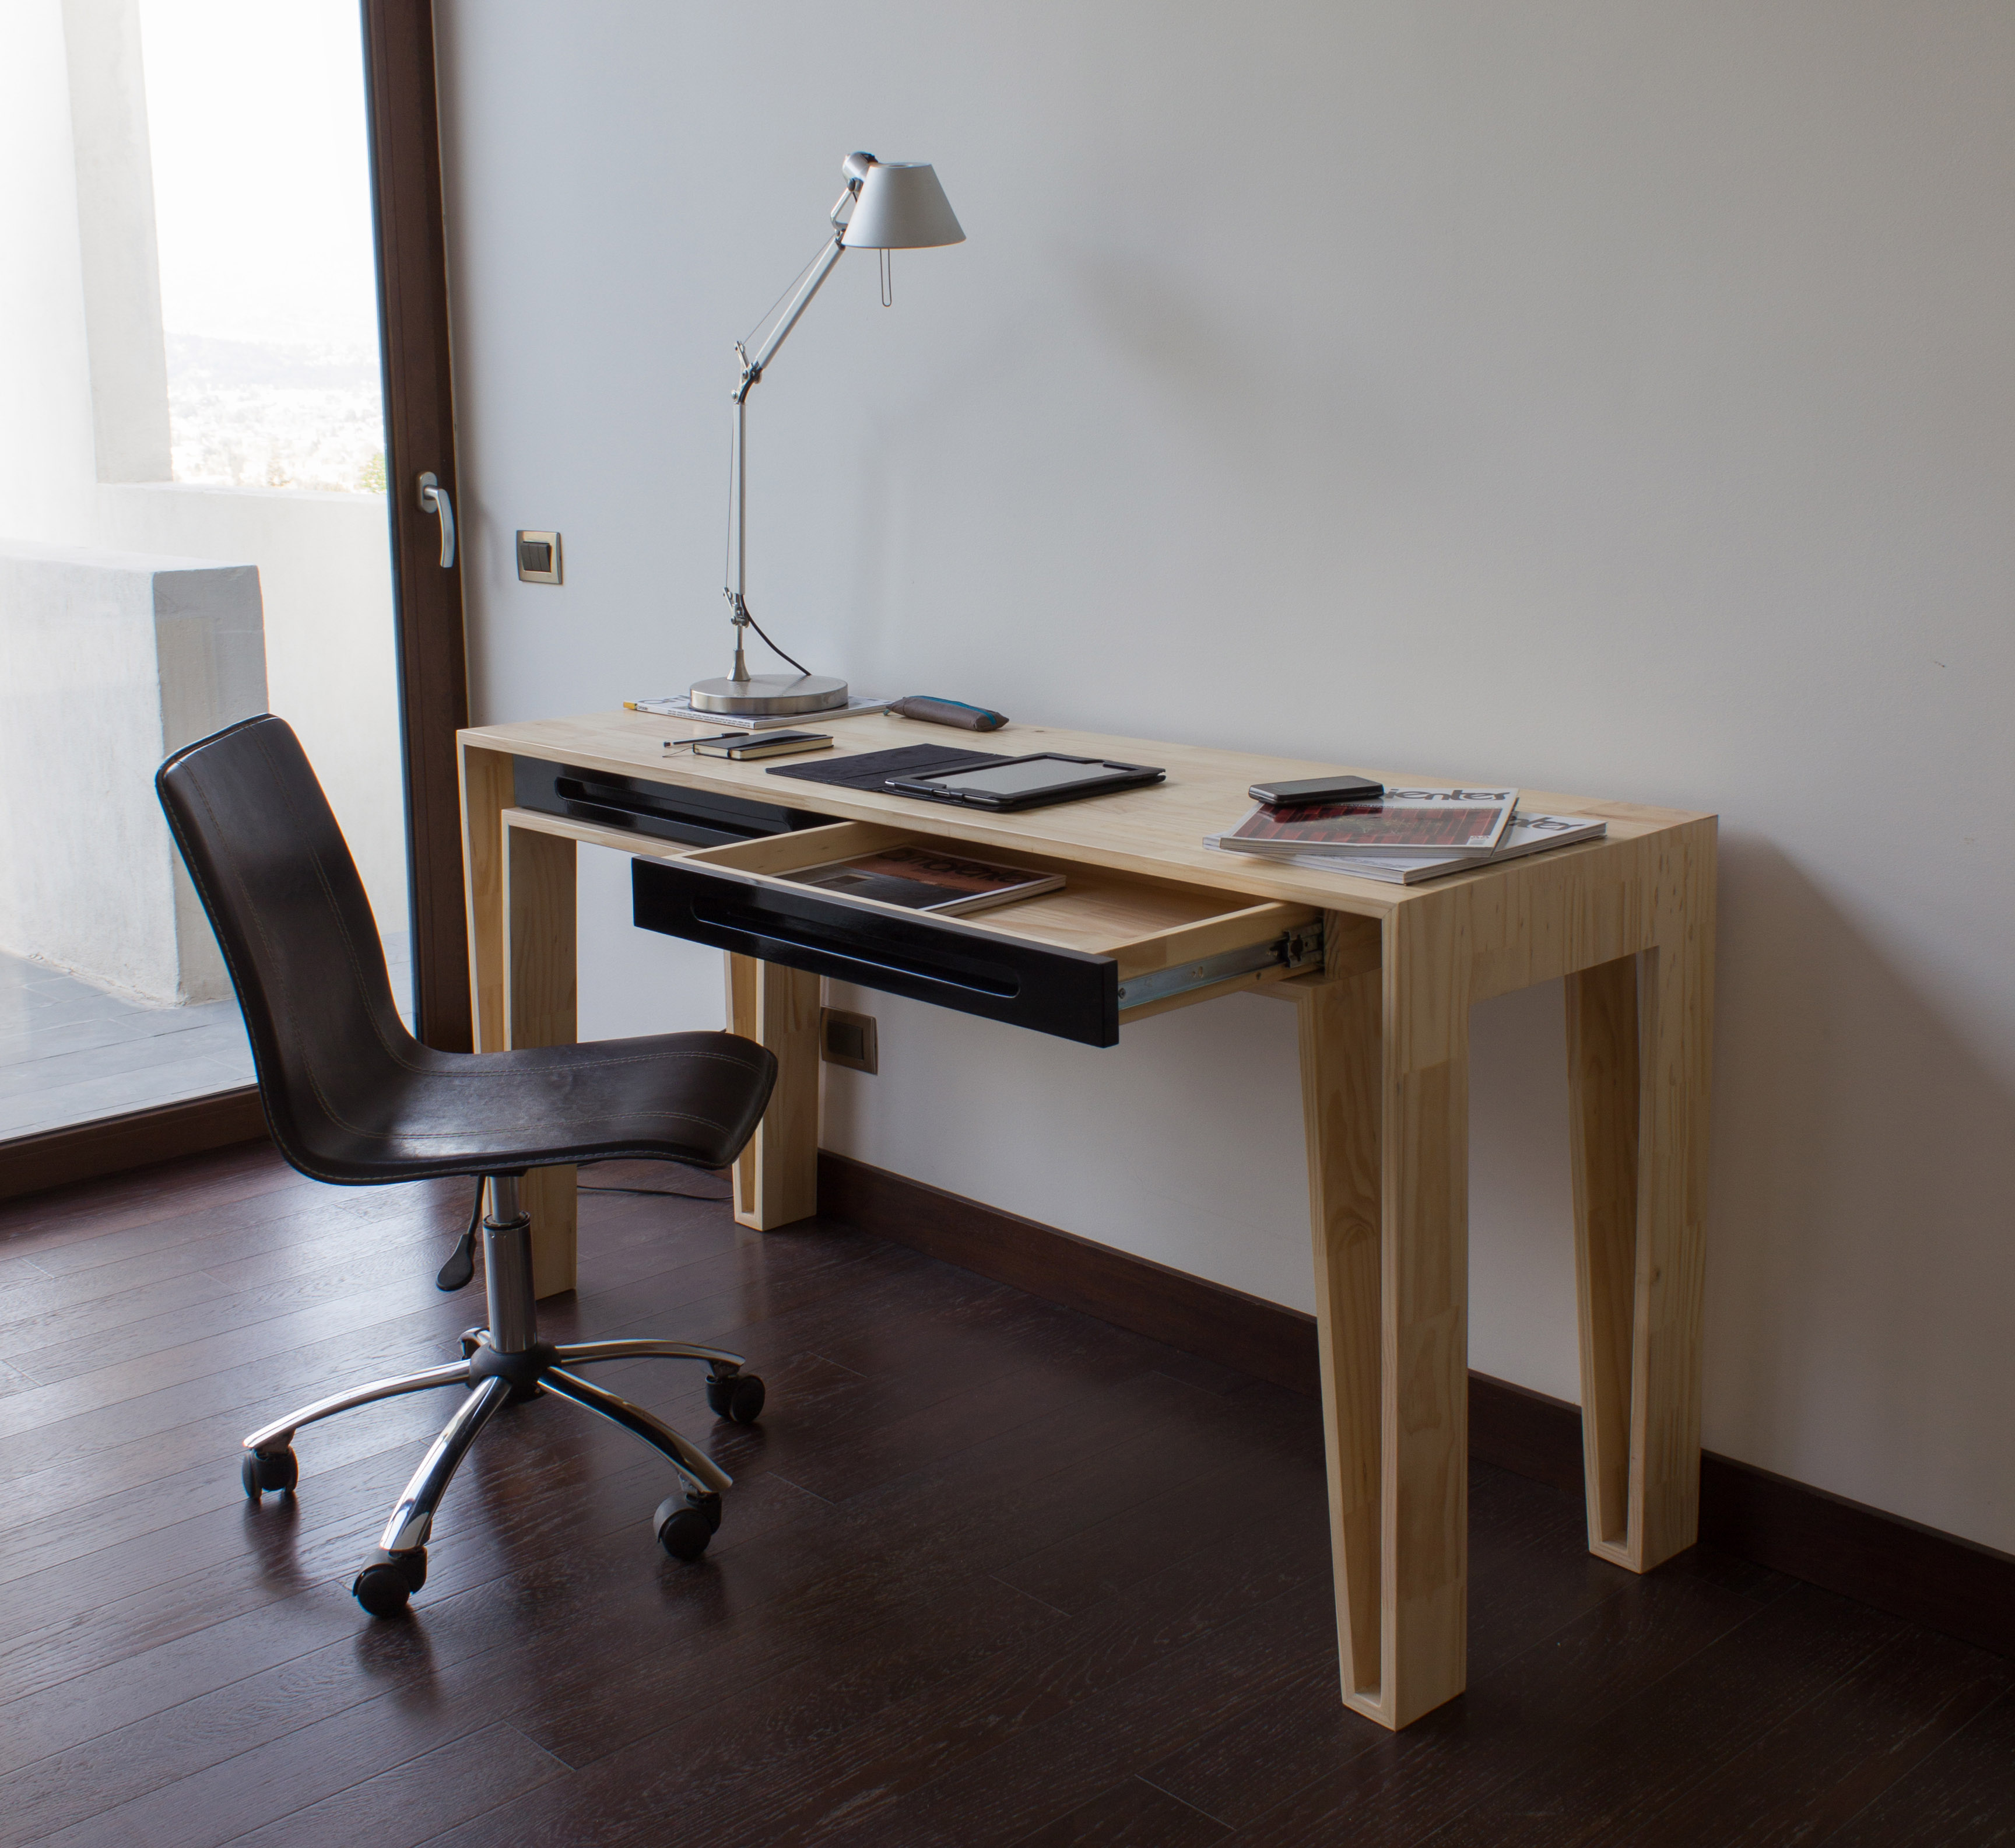 Escritorio e20 y estante es10 1 a 10 muebles creado en for Muebles de oficina chile